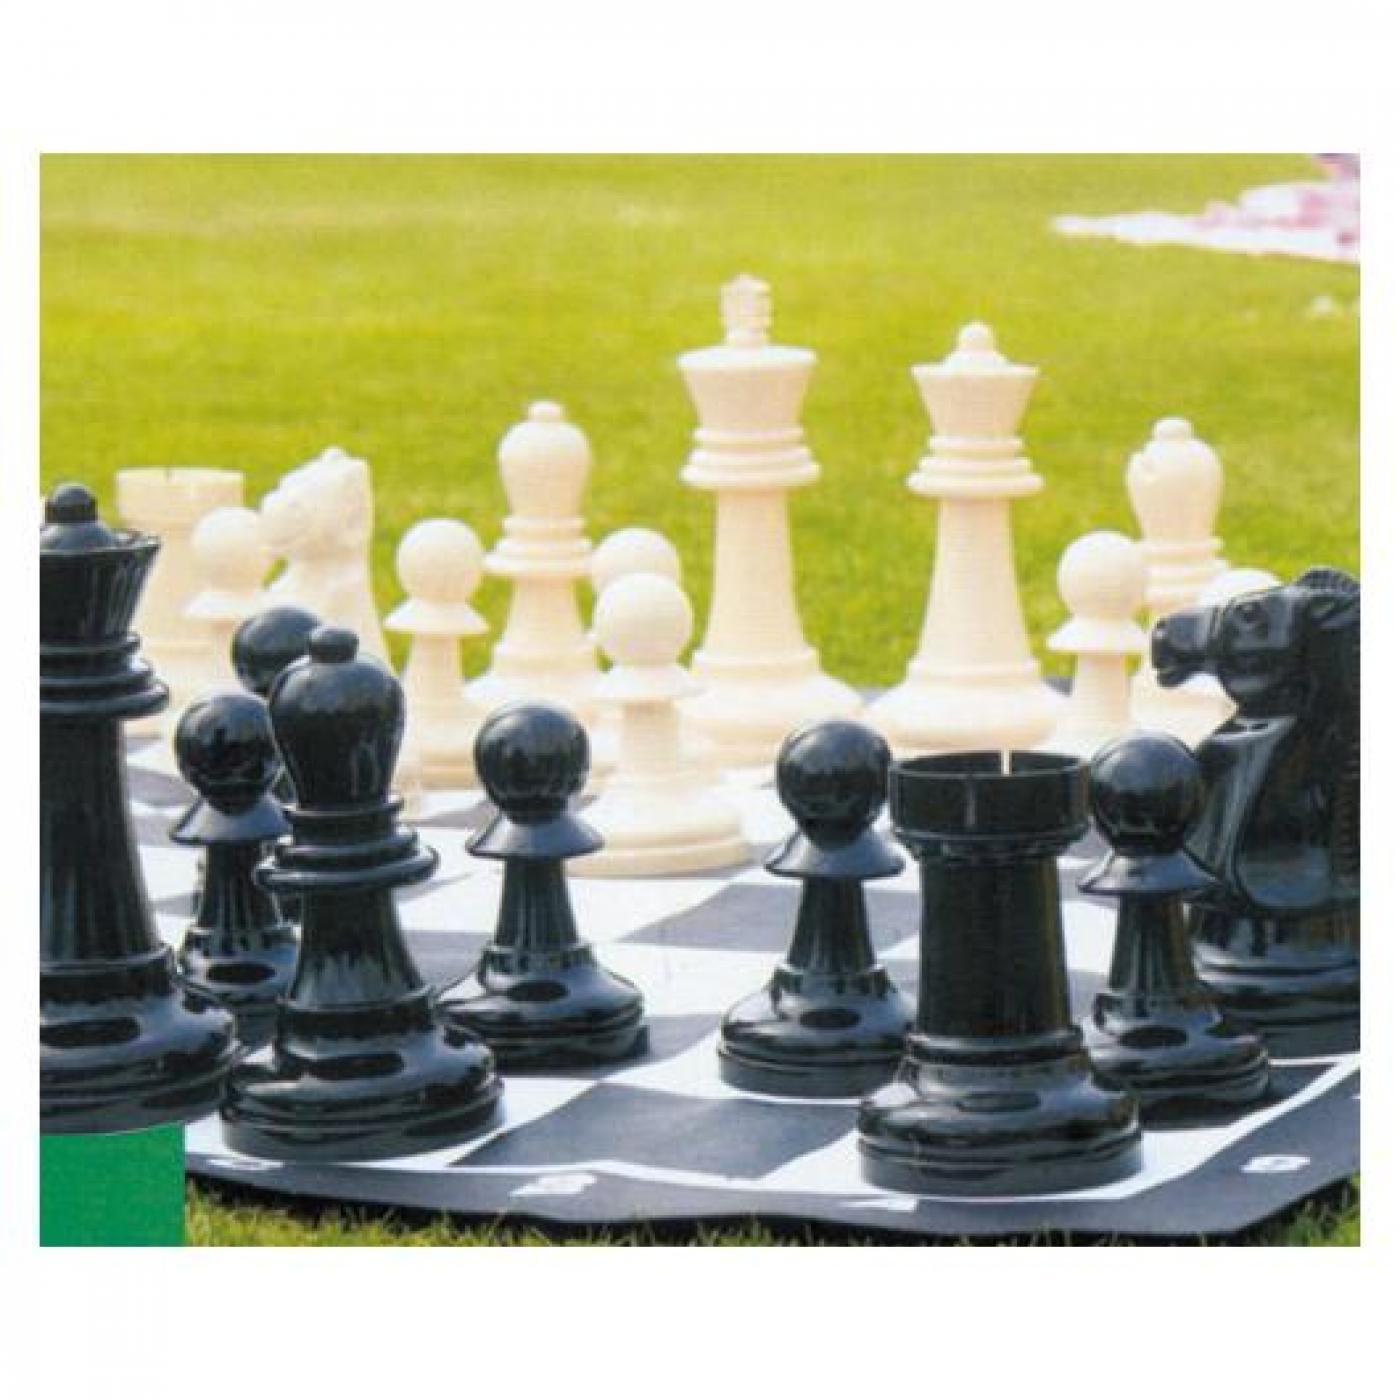 Juego ajedrez jardin por 44 97 en planeta huerto for Ajedrea de jardin